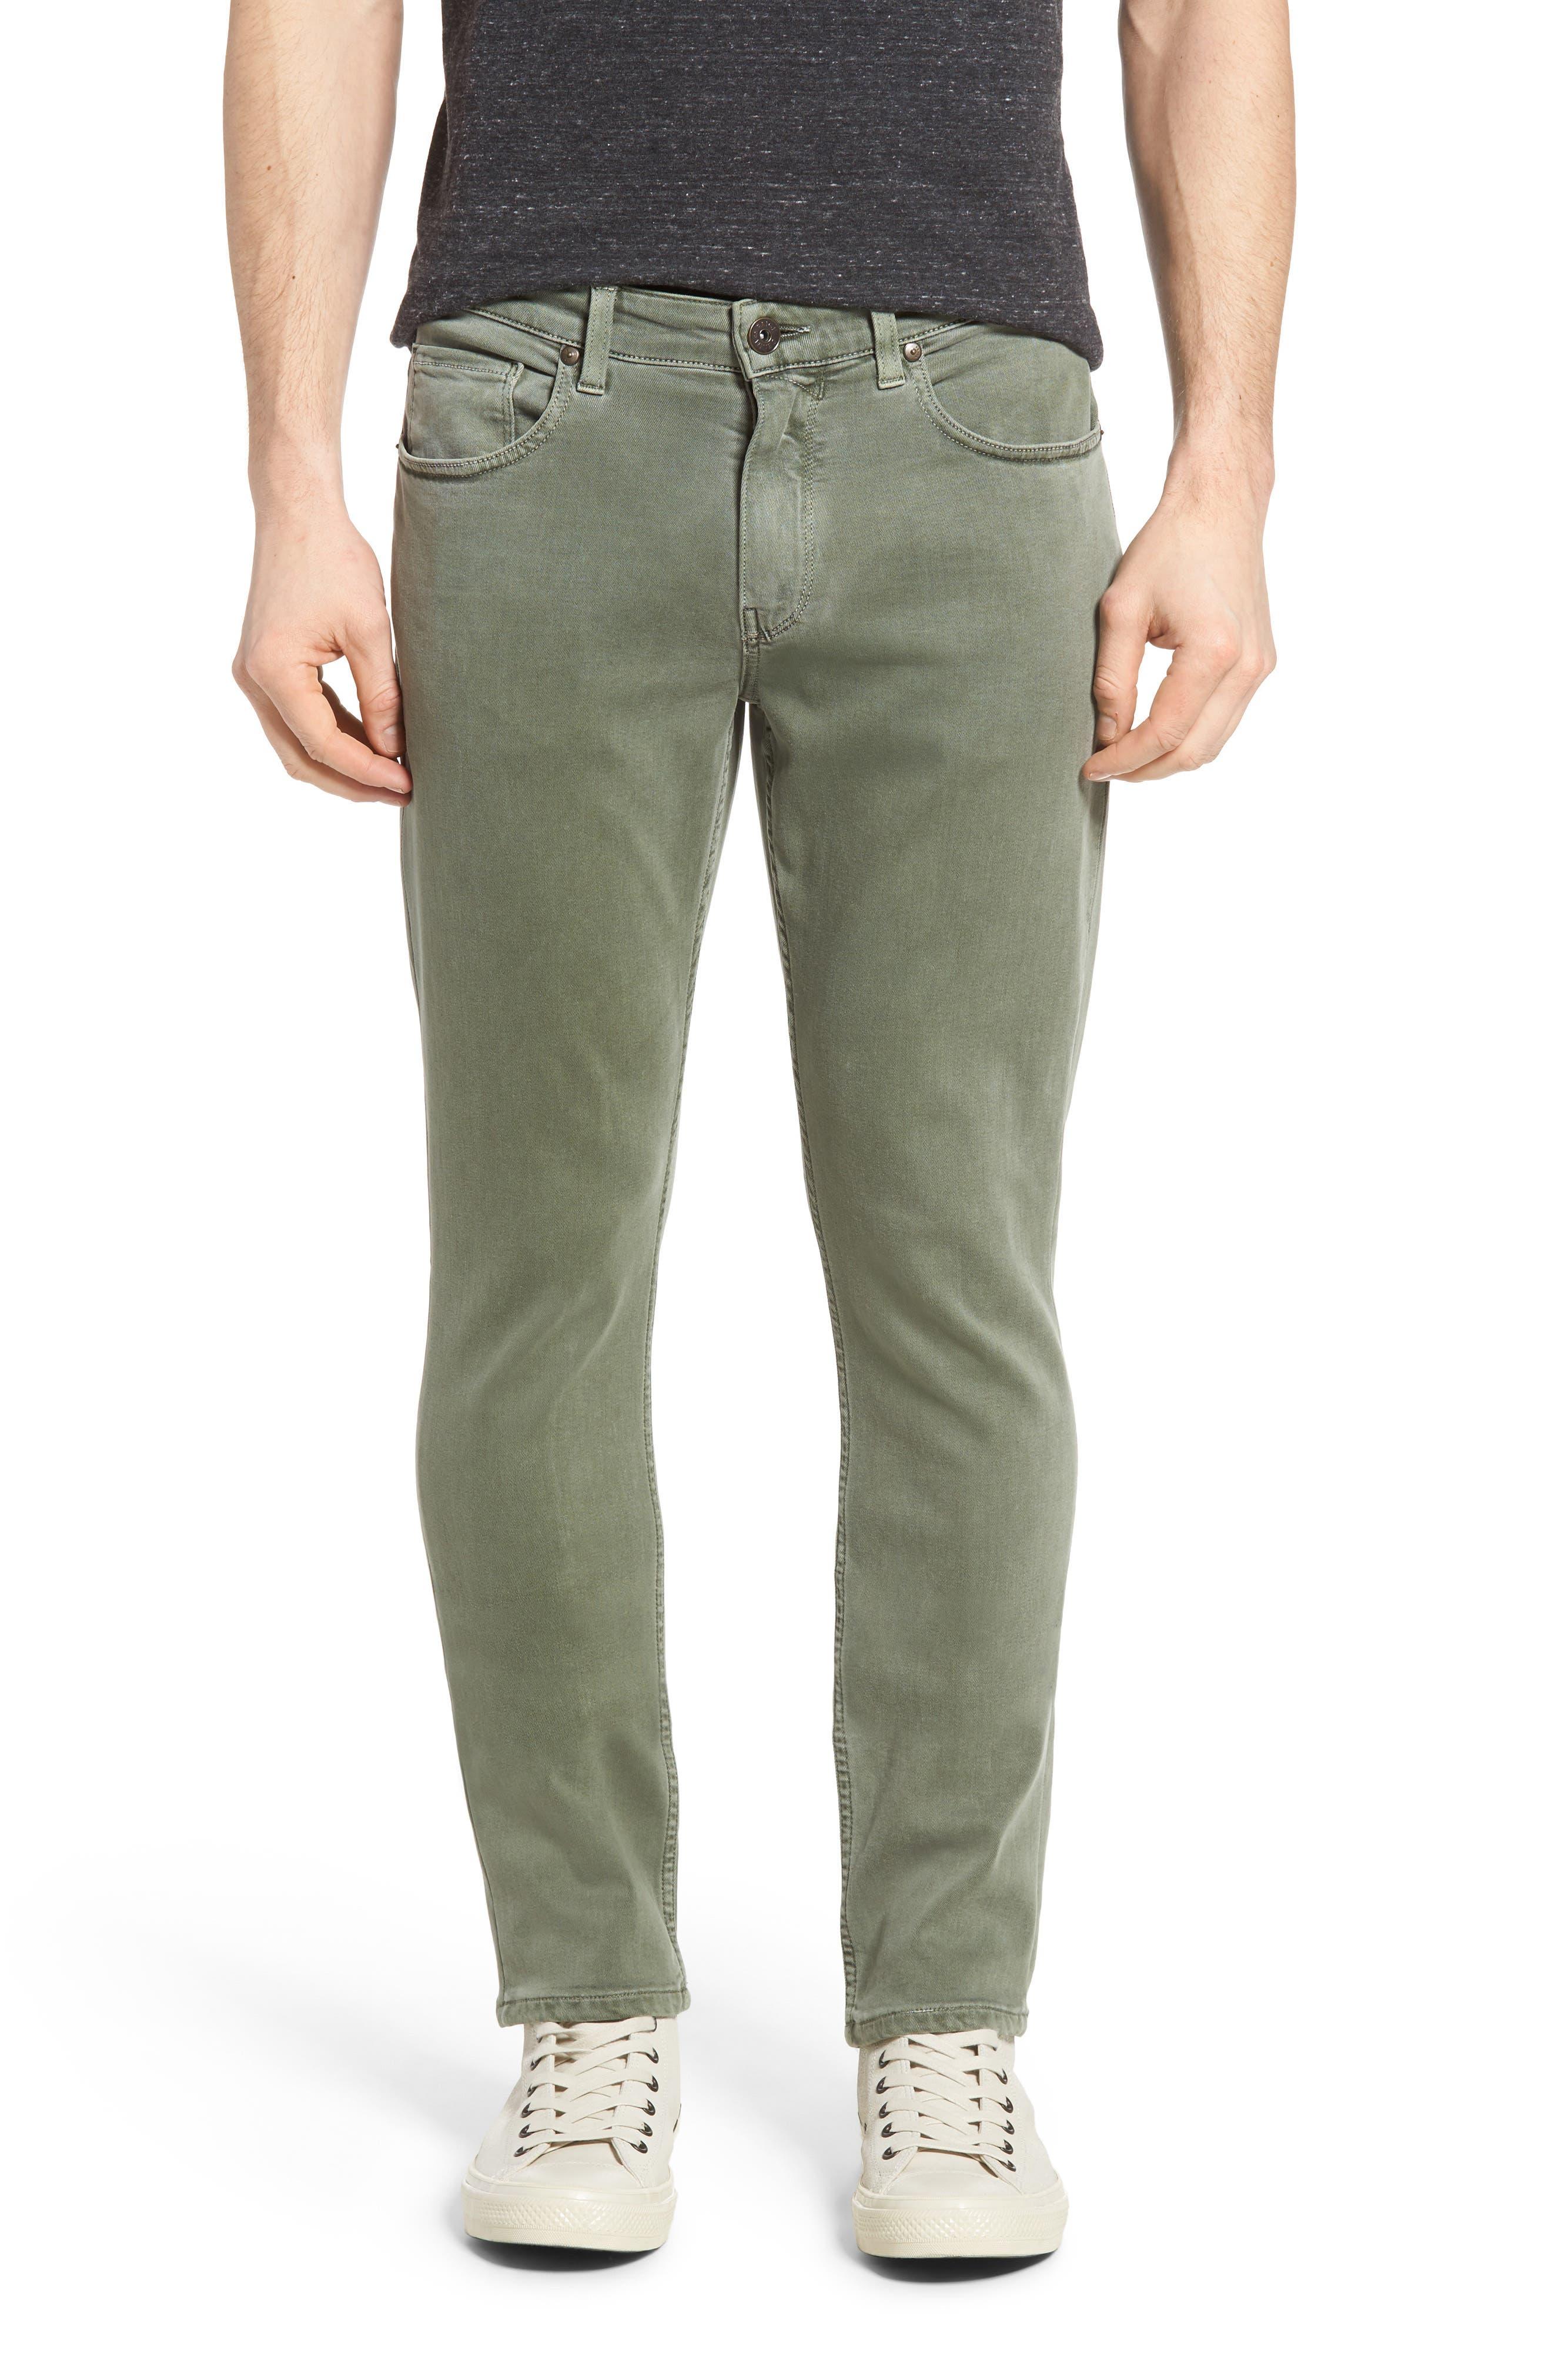 Transcend - Lennox Slim Fit Jeans,                             Main thumbnail 1, color,                             300